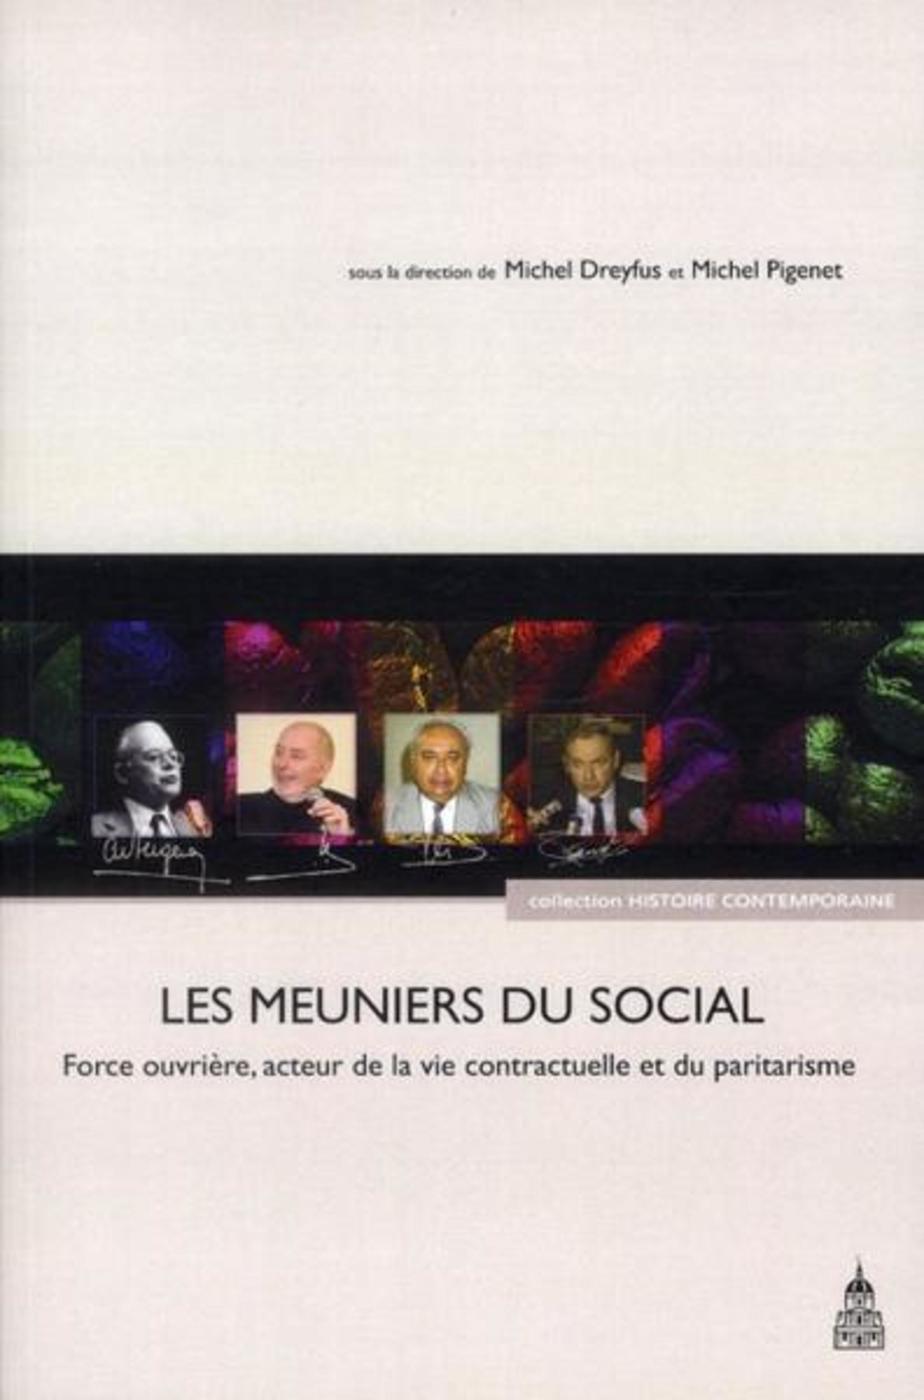 MEUNIERS DU SOCIAL